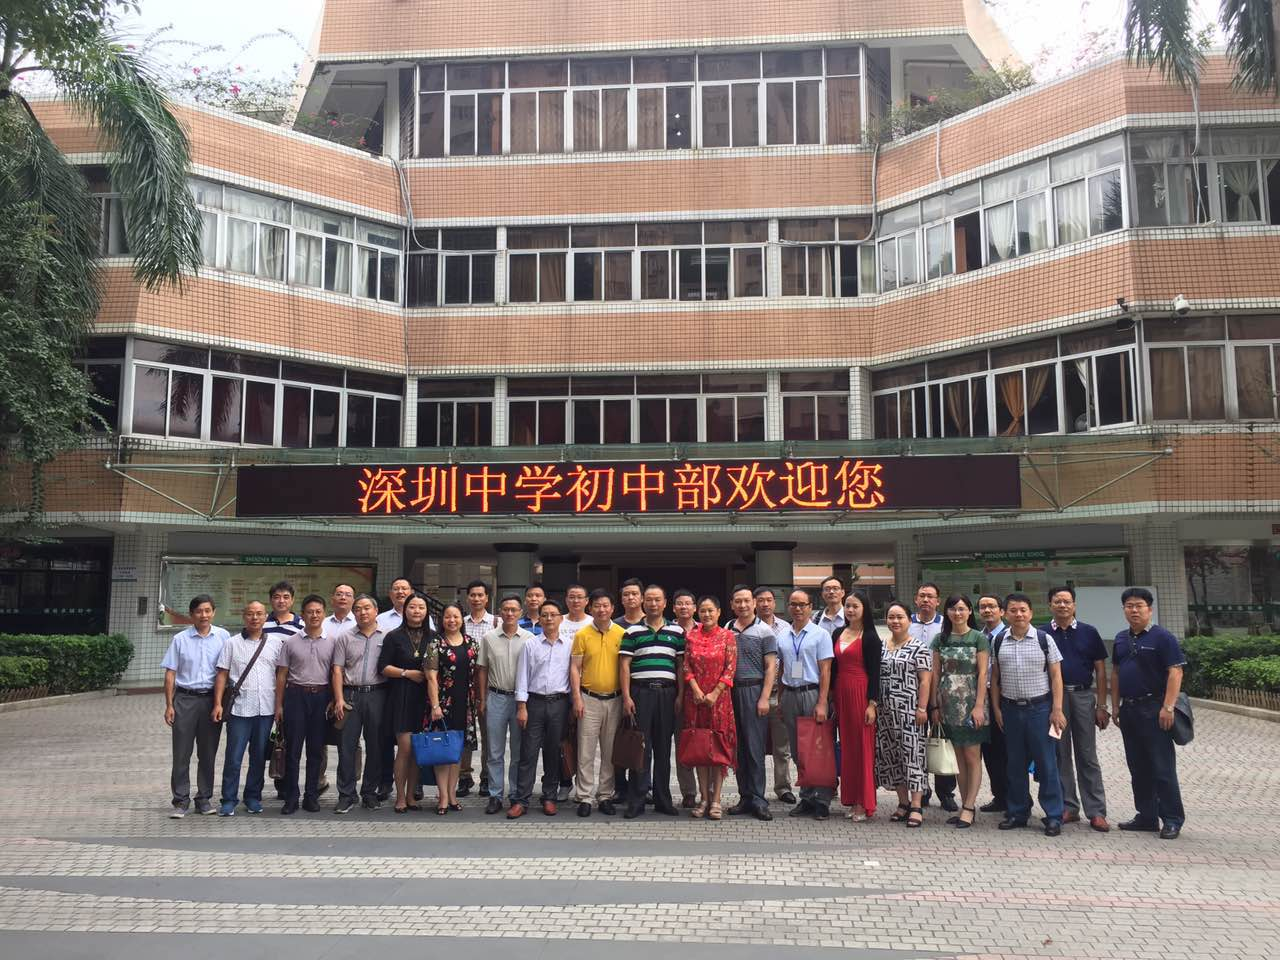 所有学员在深圳中学合影(摄影:林振南).jpg